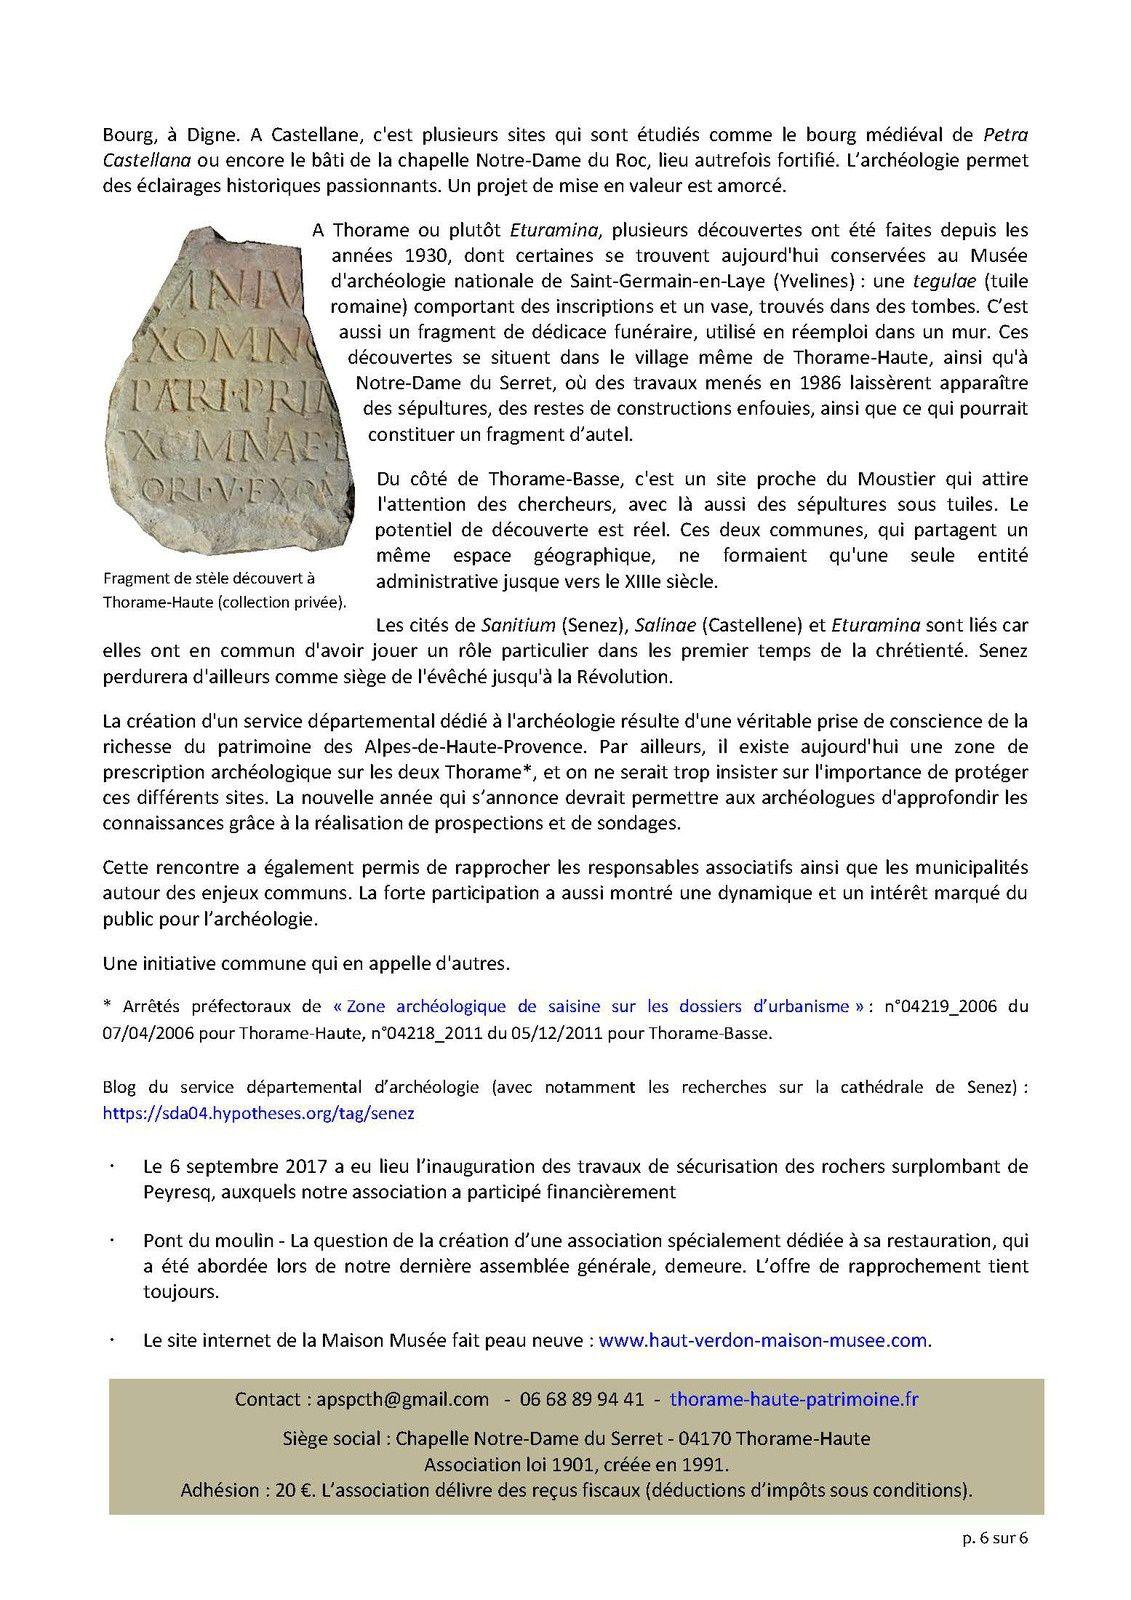 La Lettre d'info  de janvier 2018 de l'association Patrimoine Culturel de Thorame Haute